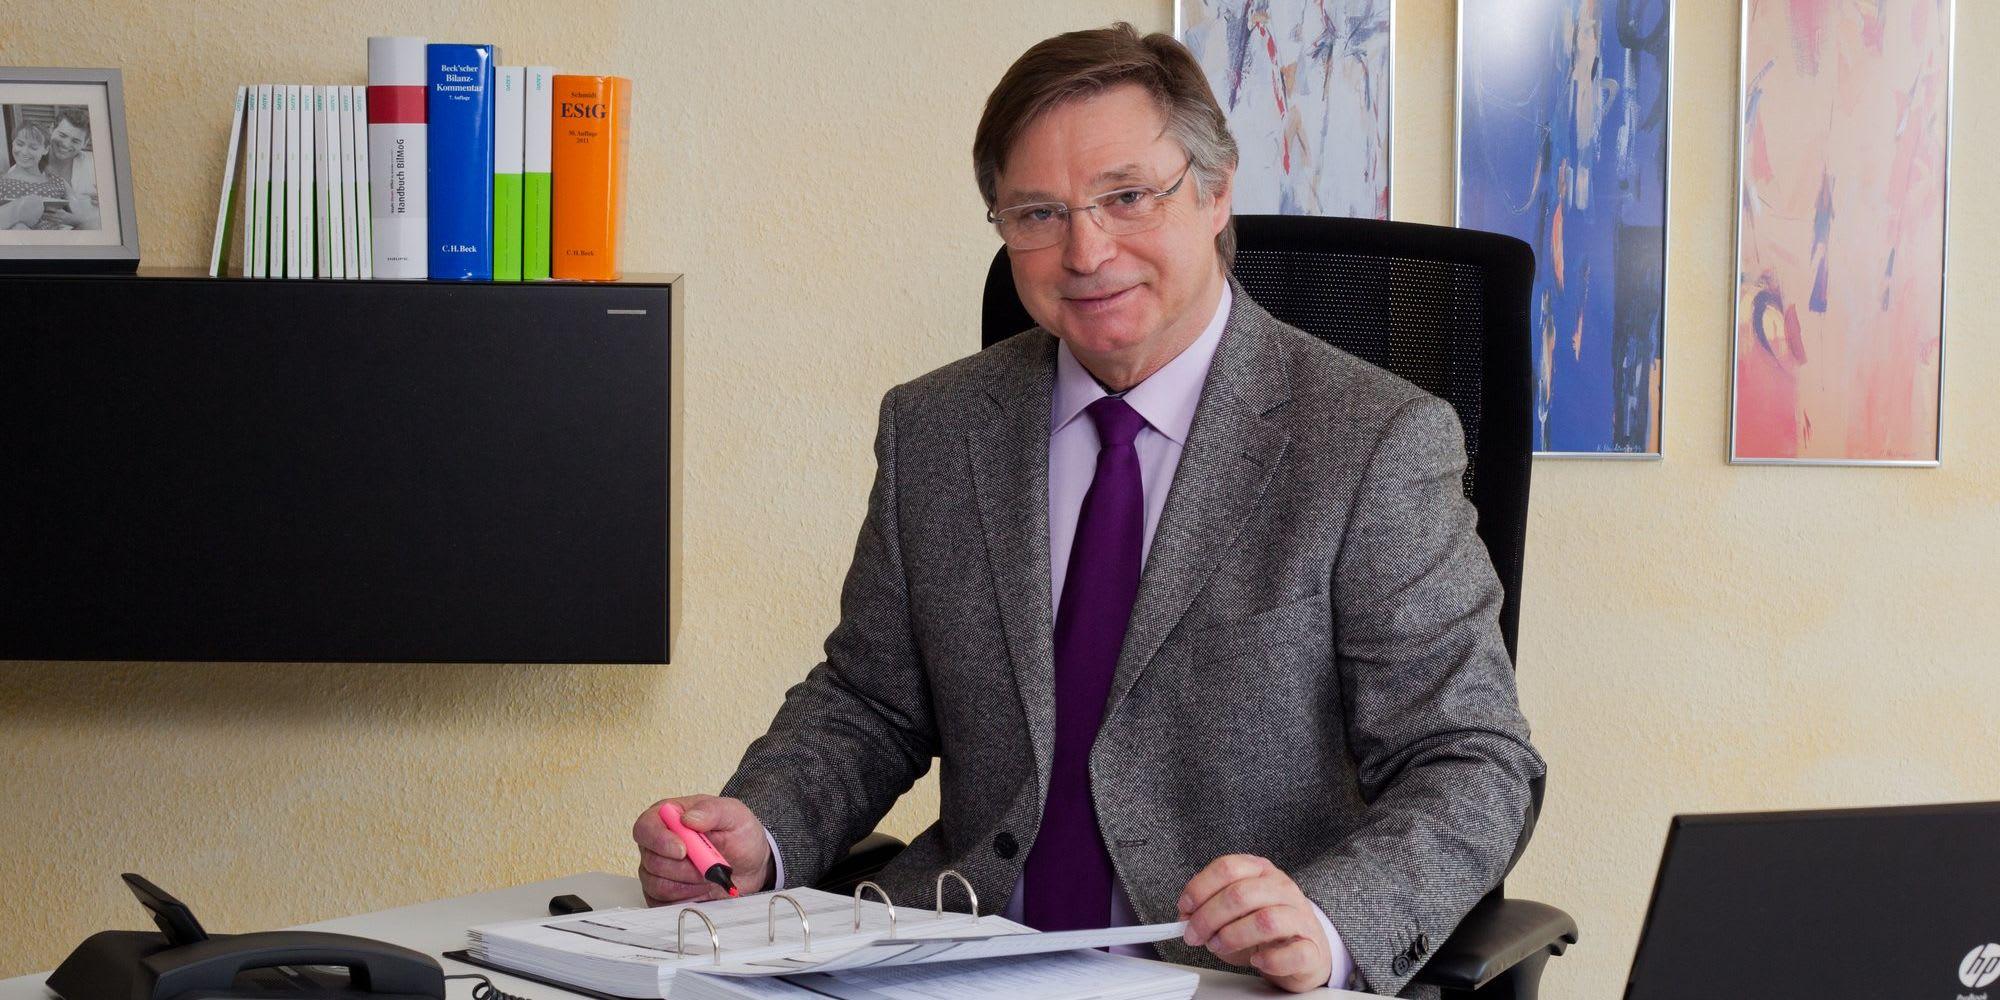 Steuerberater Karlheinz Ulrich am Schreibtisch